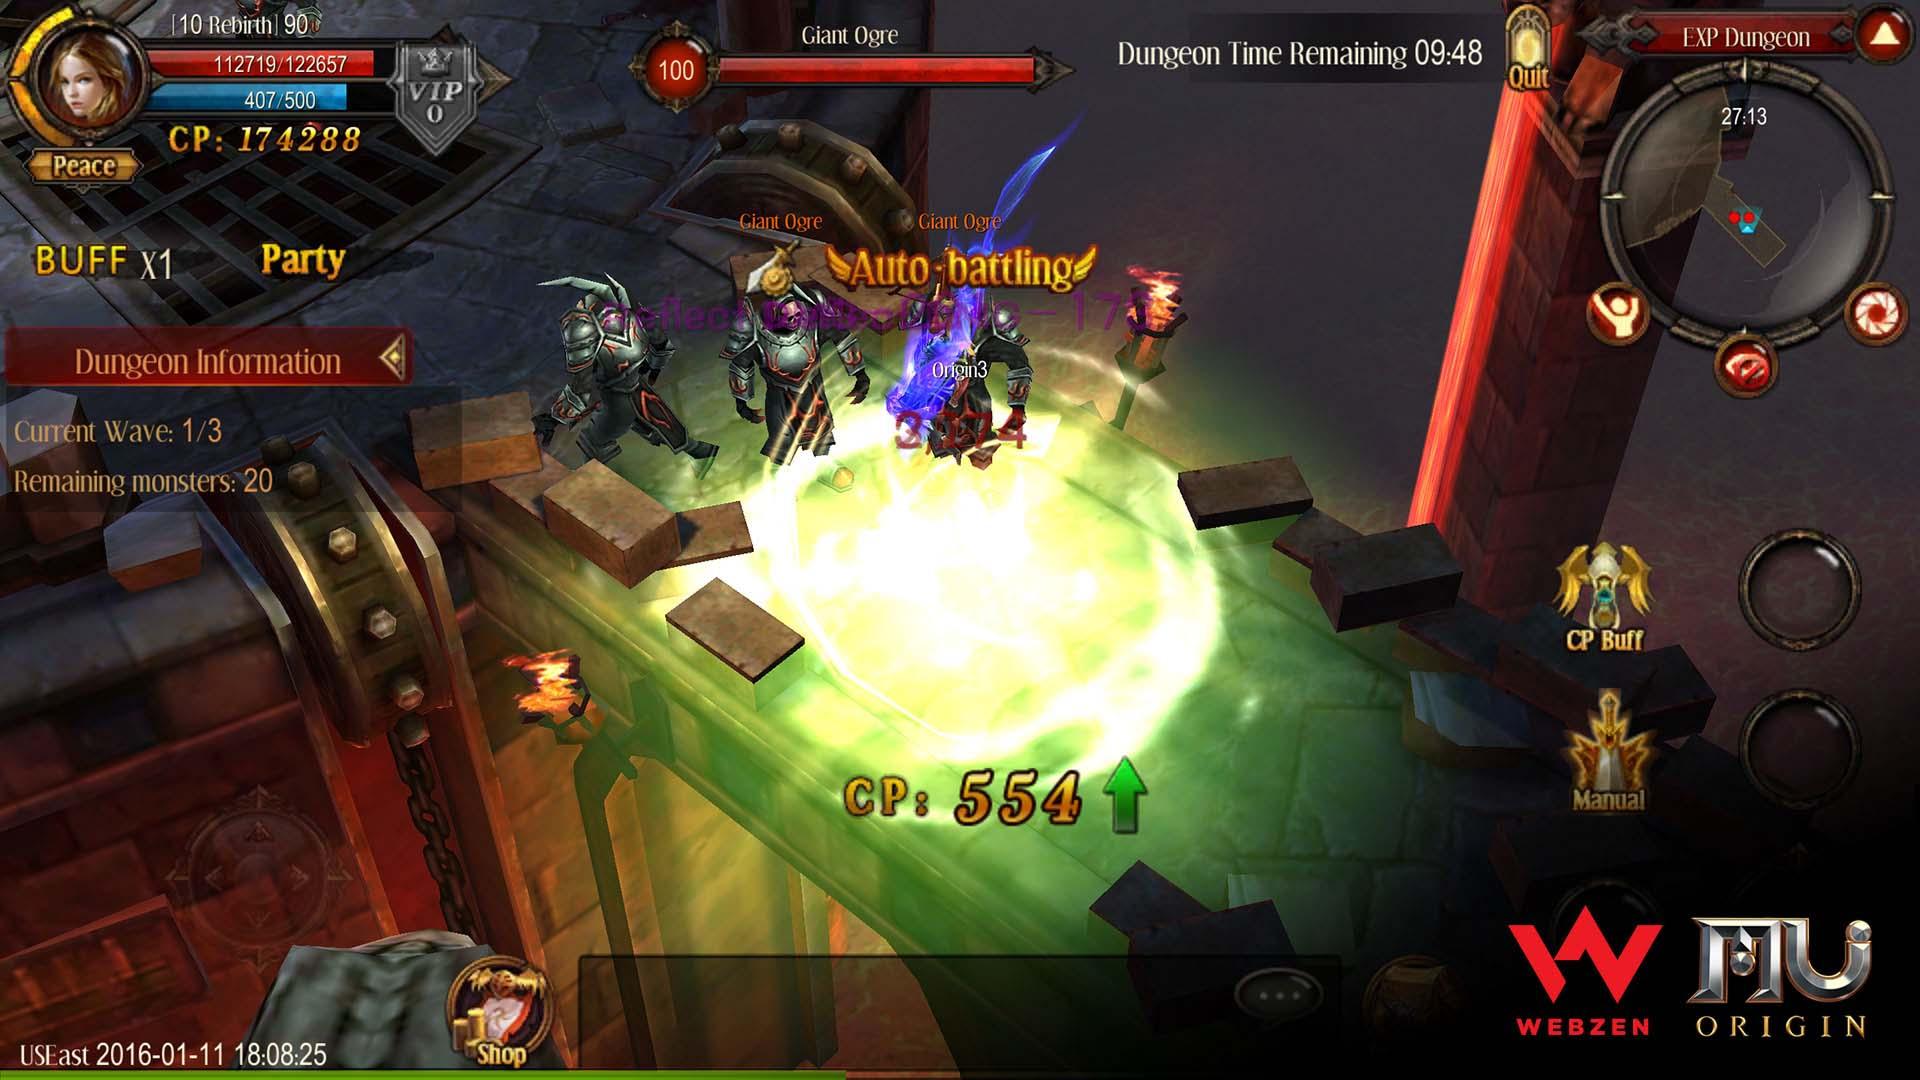 MU Origin screenshot 4